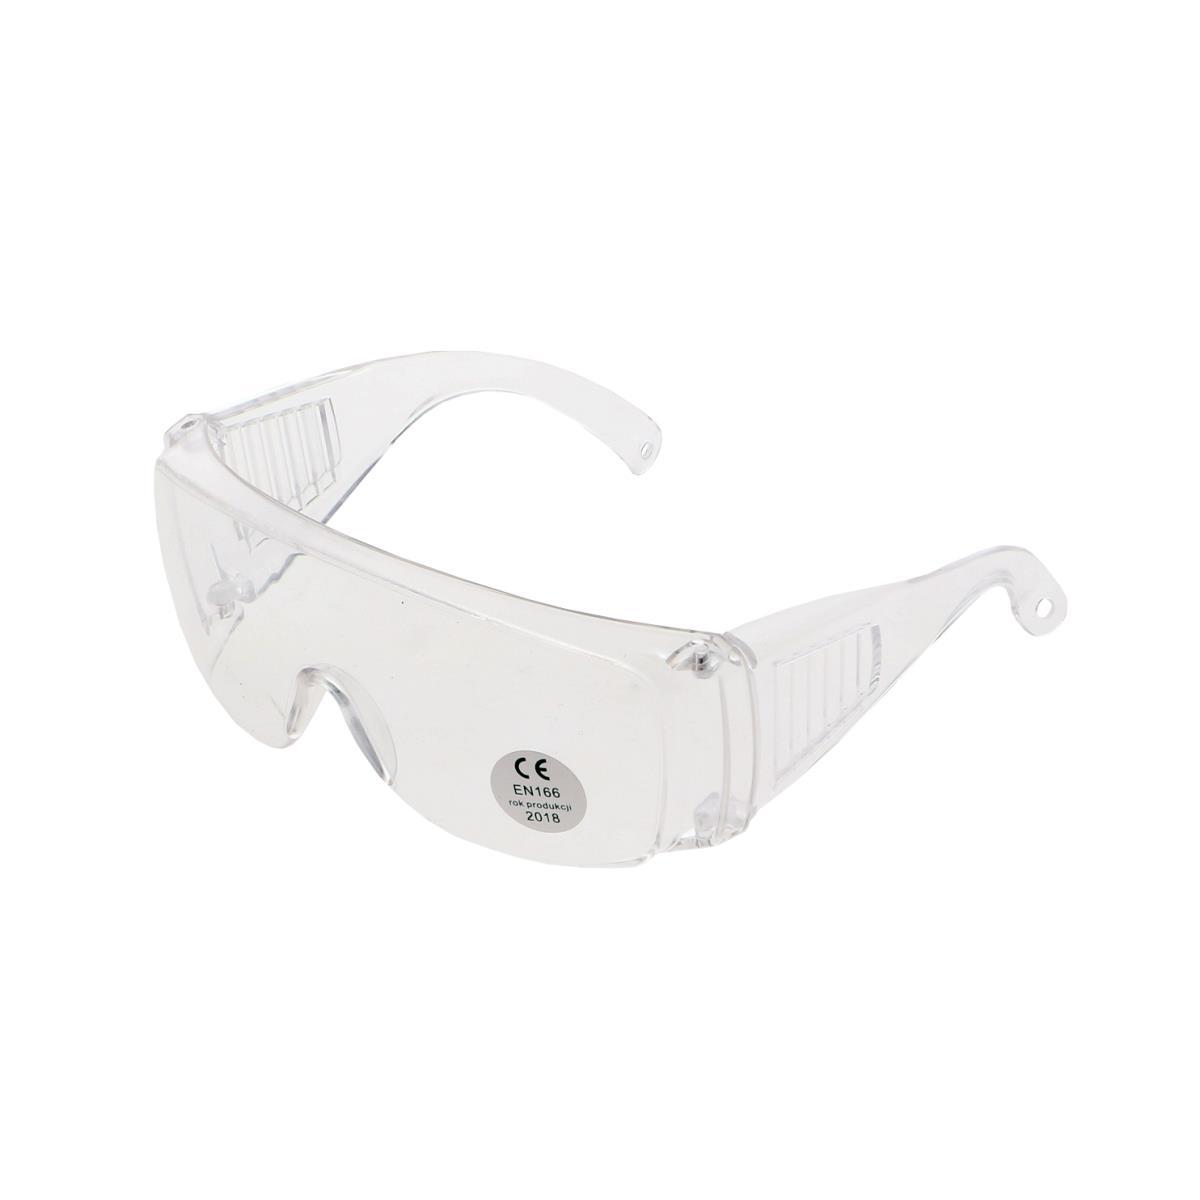 Schutzbrille Laborschutzbrille Sicherheitsbrille Arbeitsschutzbrille Brille ,Protect,6773, 5907078967738